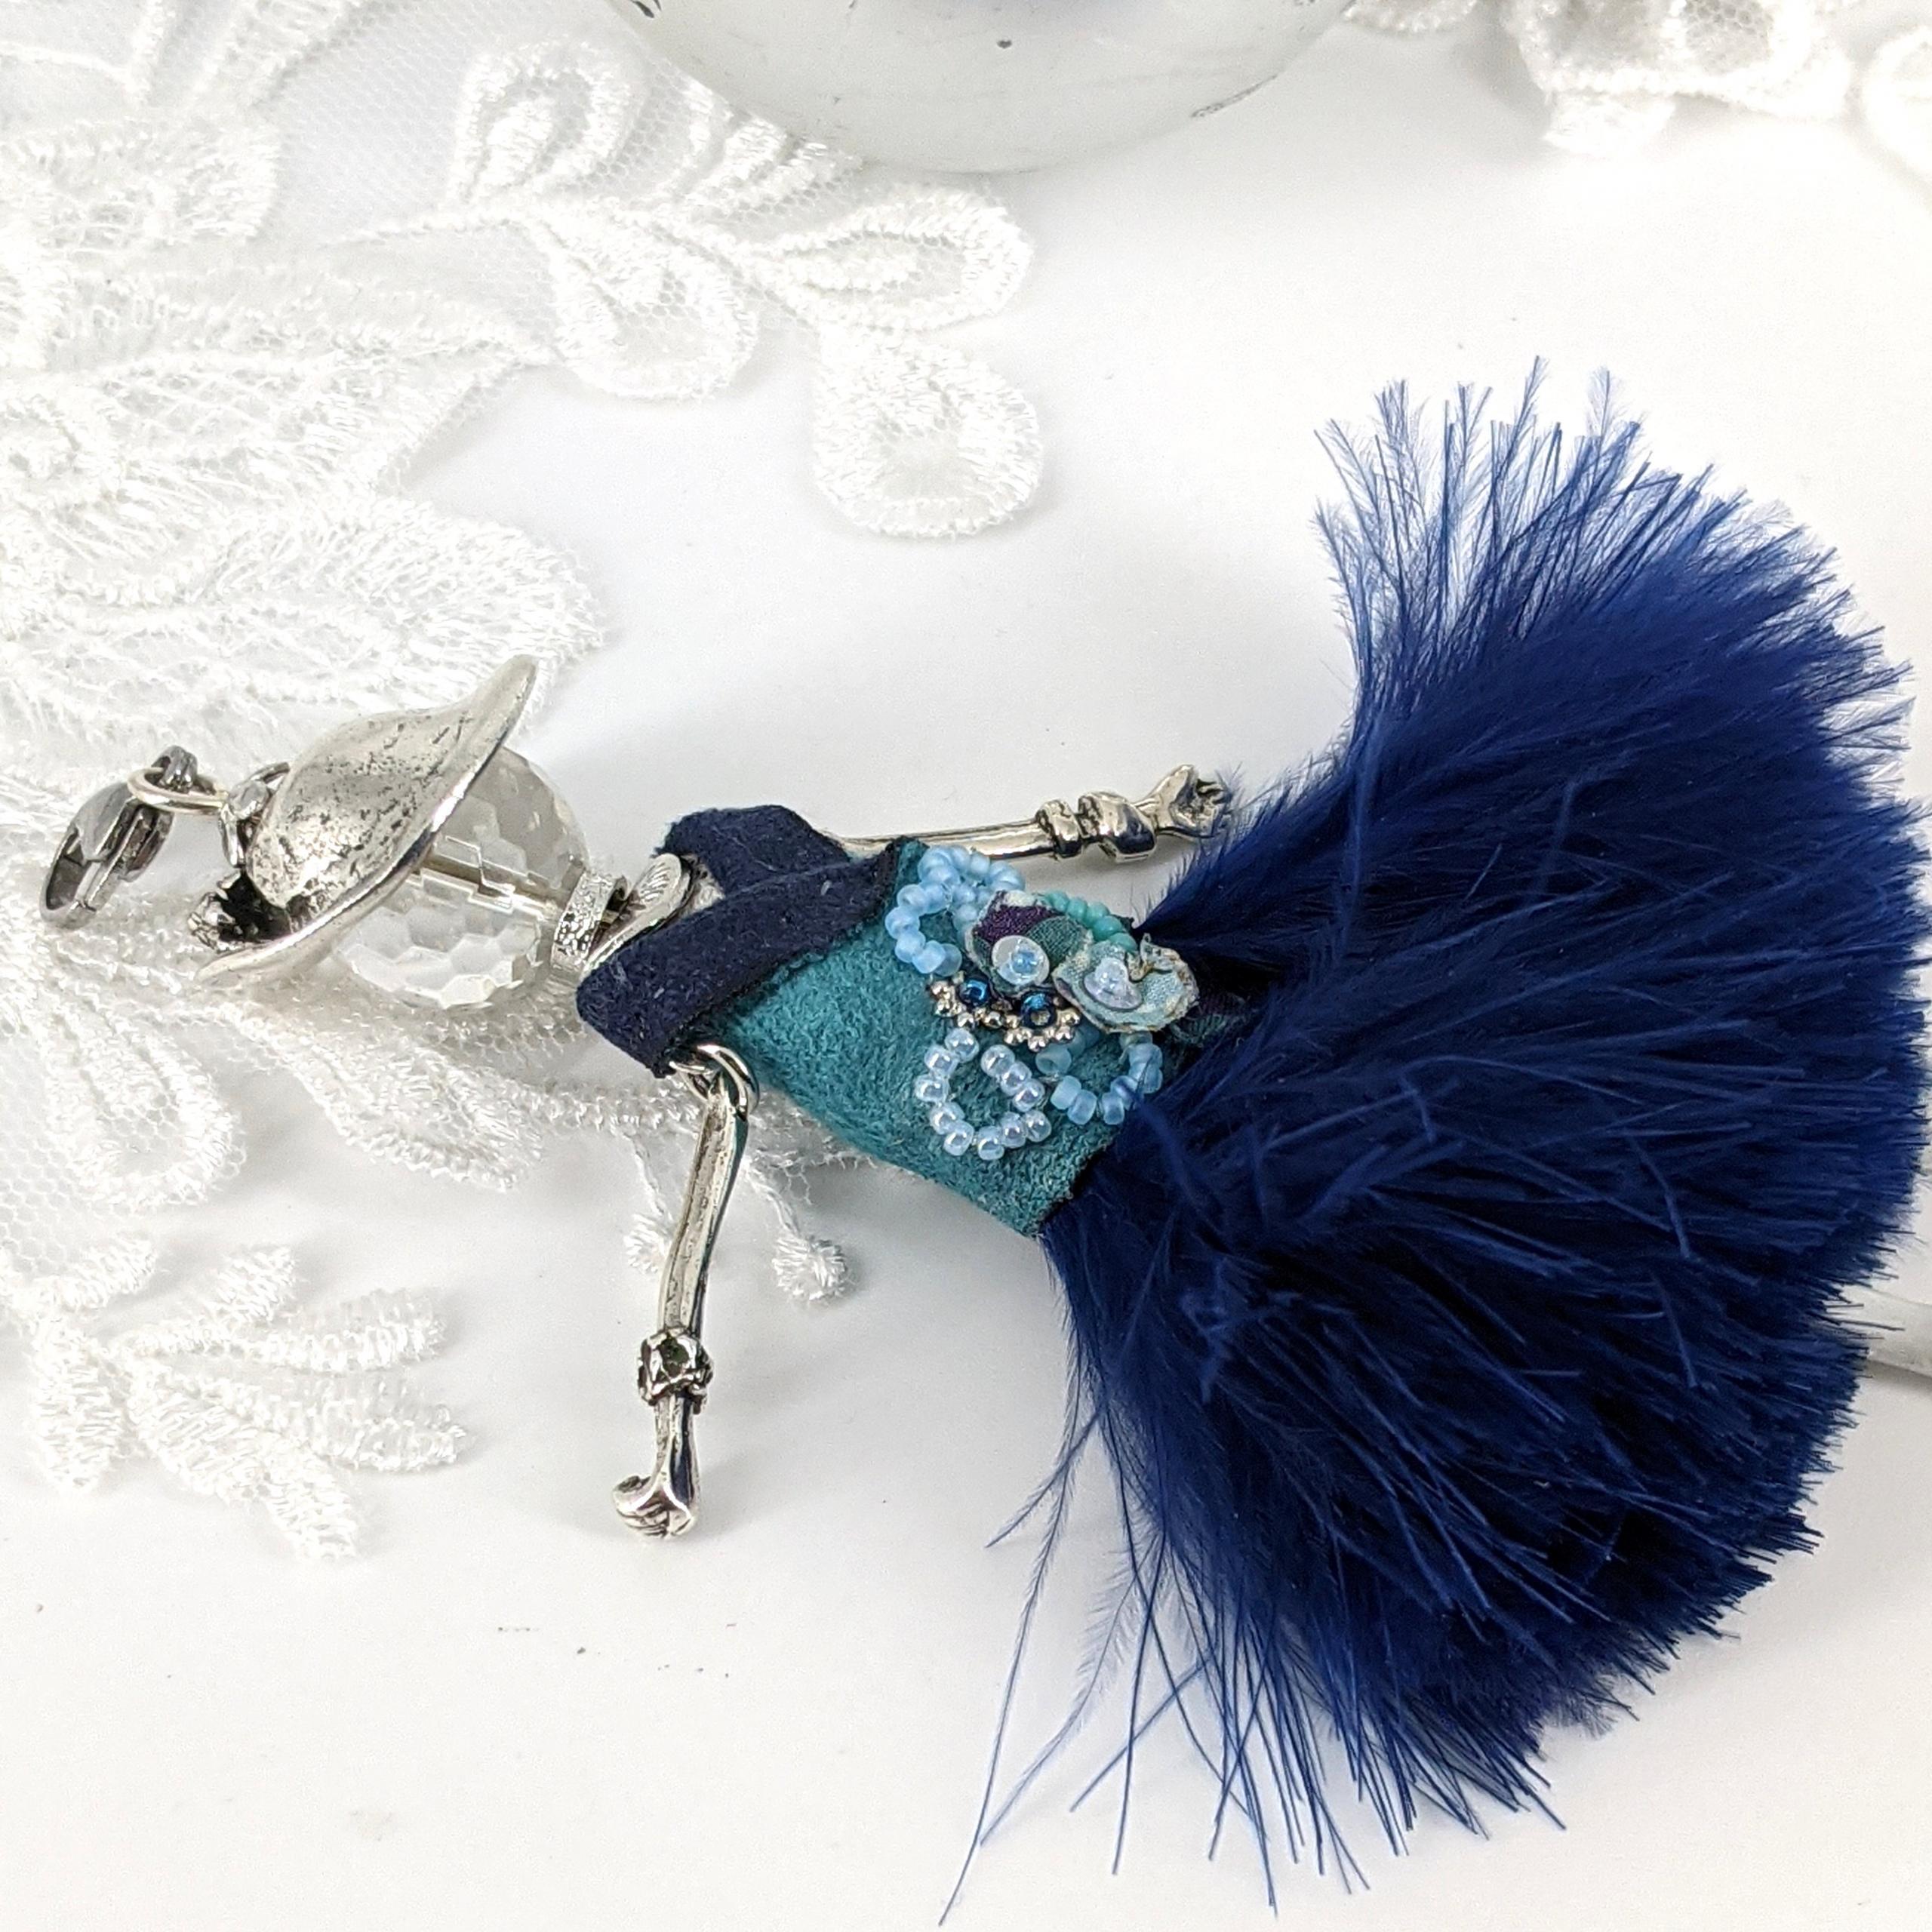 Commandes personnalisées Anne |murmures d'une charmeuse |création sur mesure de pendentifs poupées piece unique en étain finition argent 925